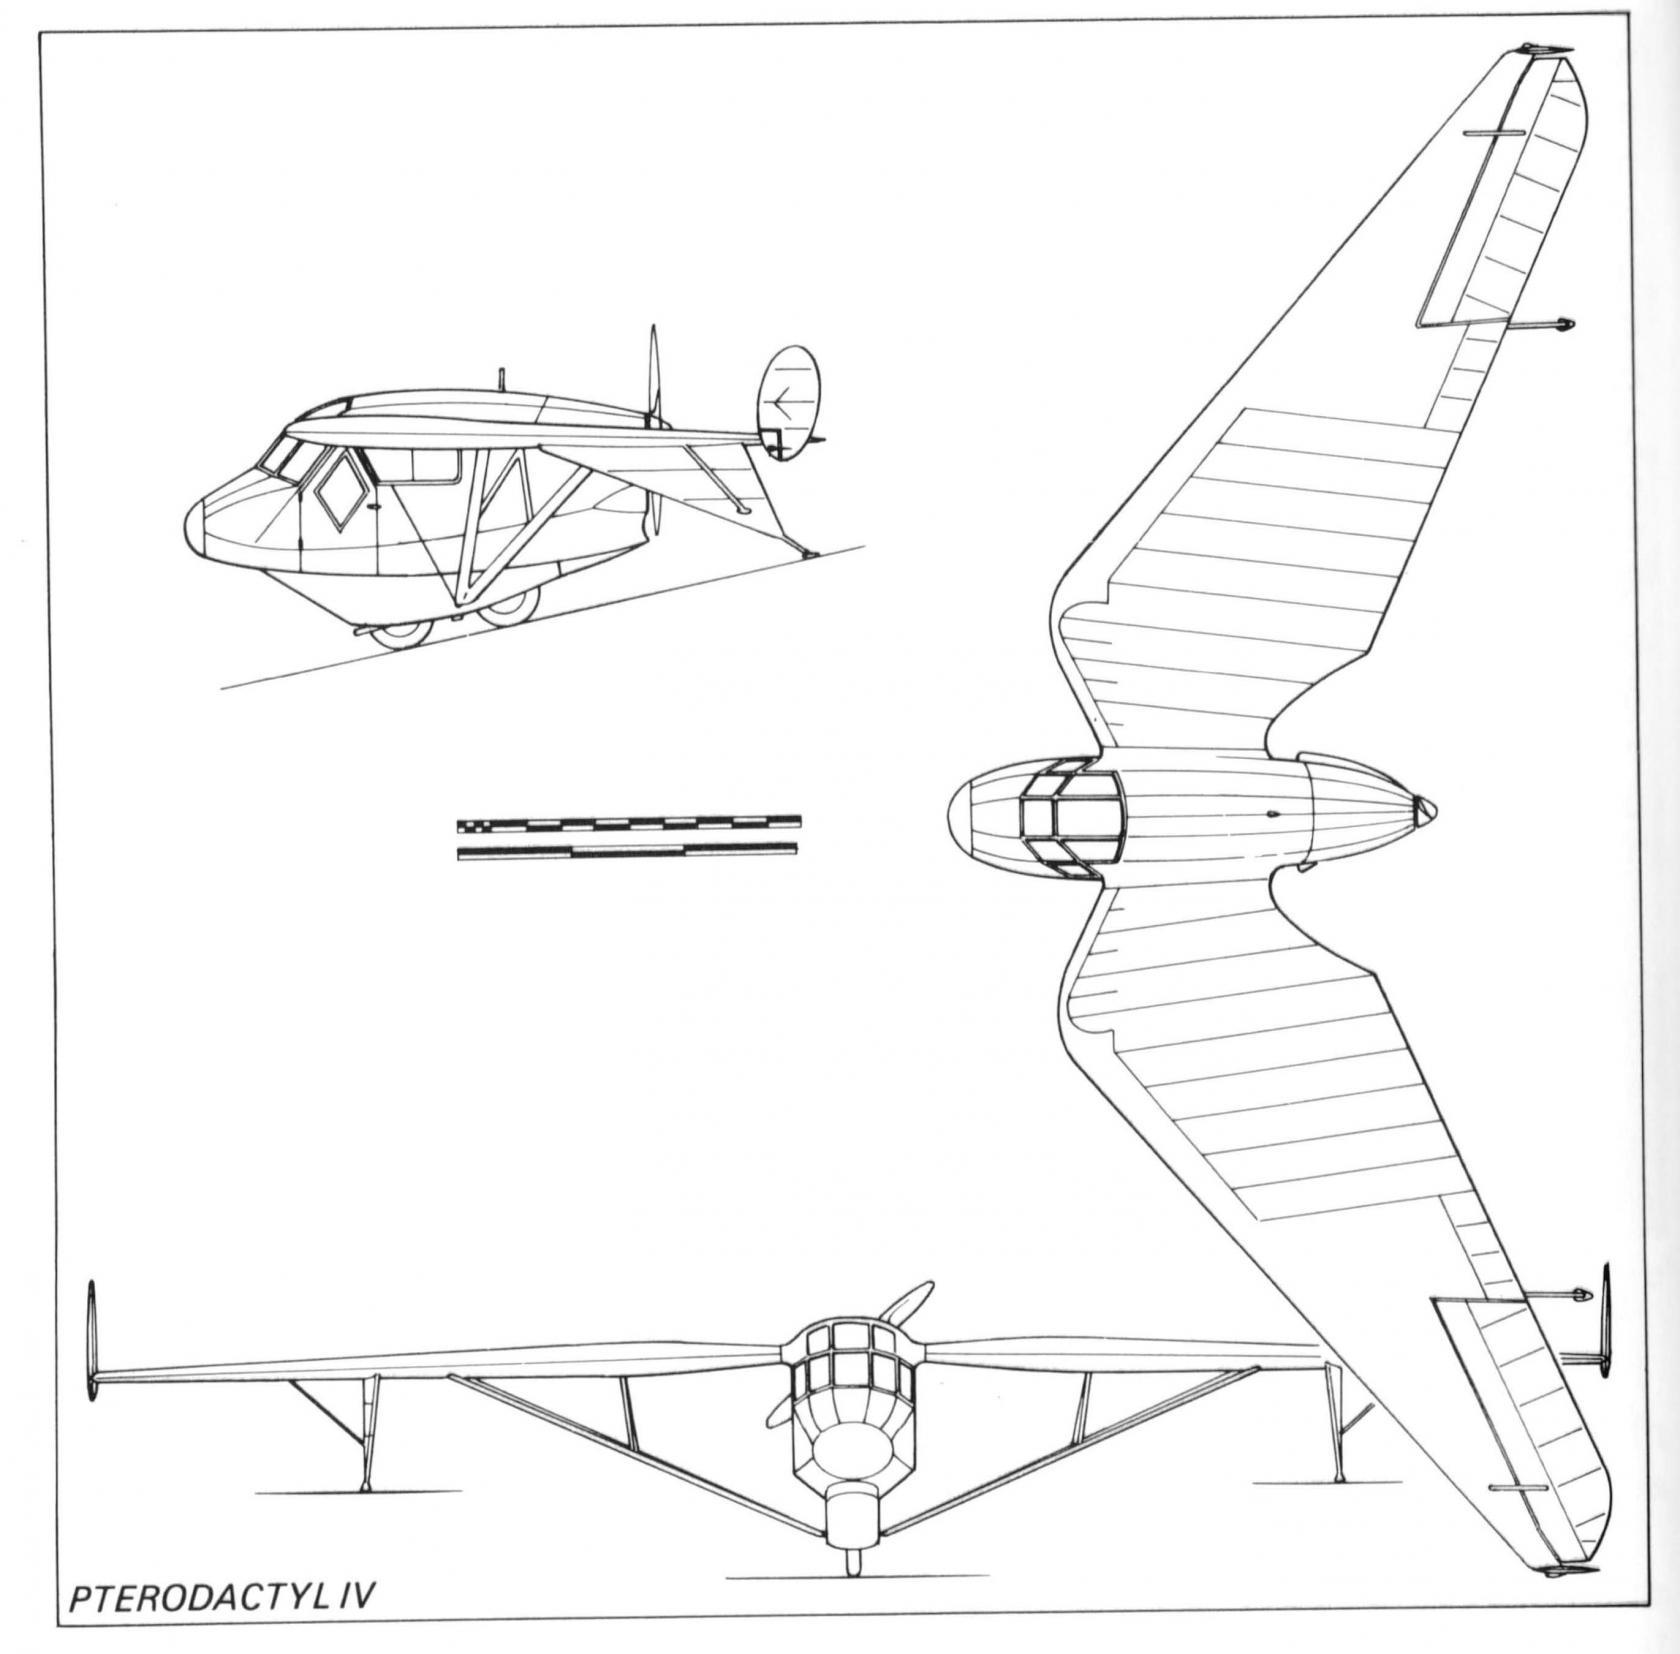 История птеродактилей. опытный экспериментальный самолет westland pterodactyl iv. великобритания